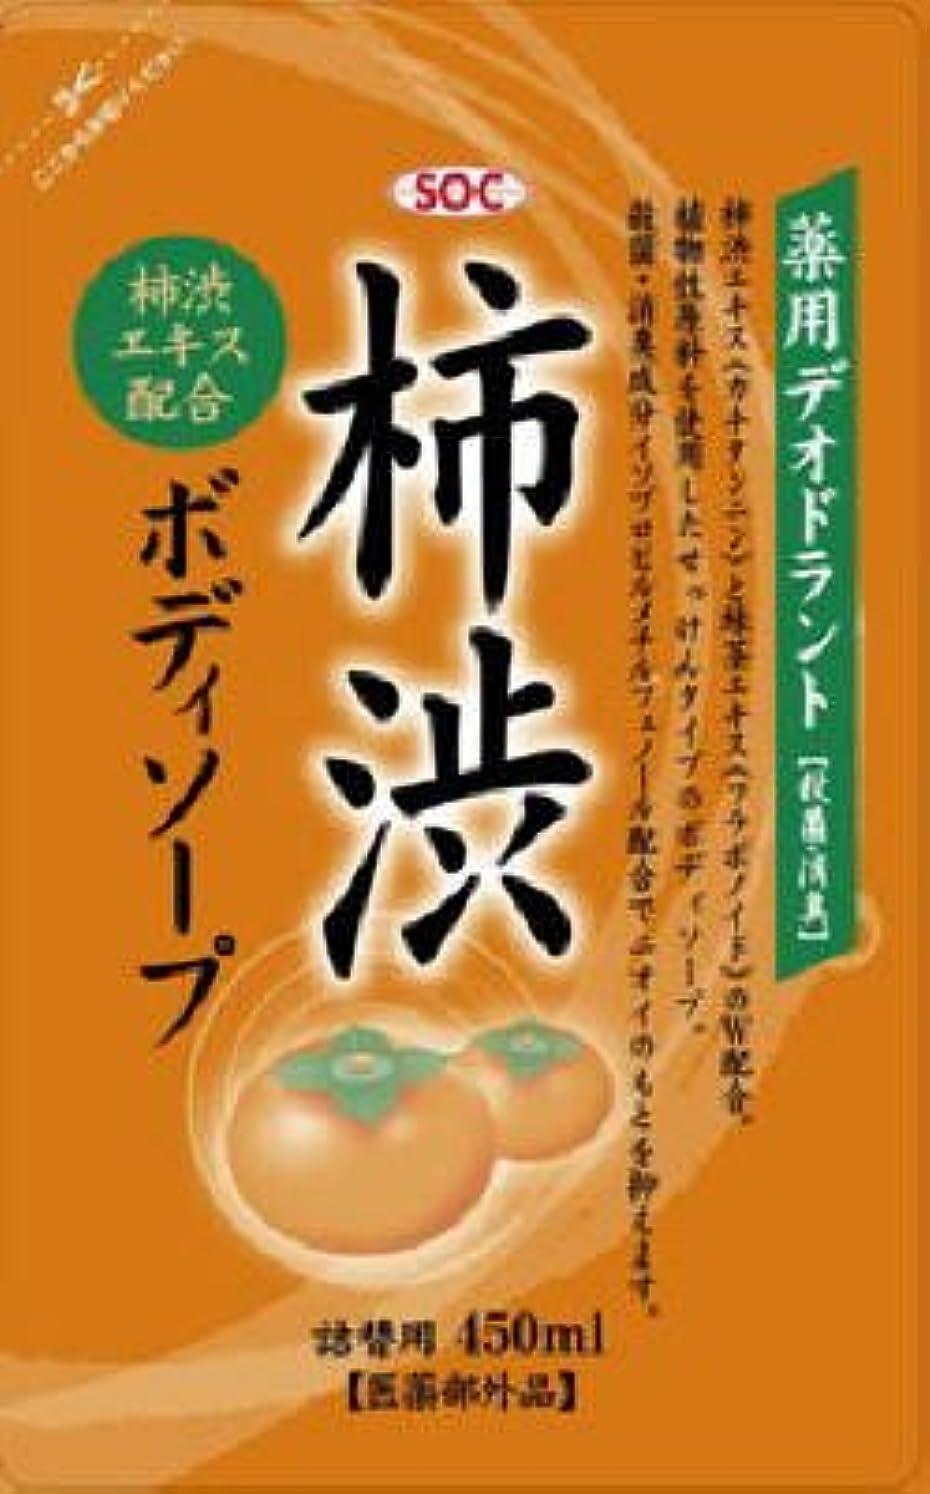 ウェーハ債権者陽気な渋谷油脂 SOC 薬用柿渋ボディソープ つめかえ用 450ml×24個セット(マイルドなせっけんタイプのボディソープ